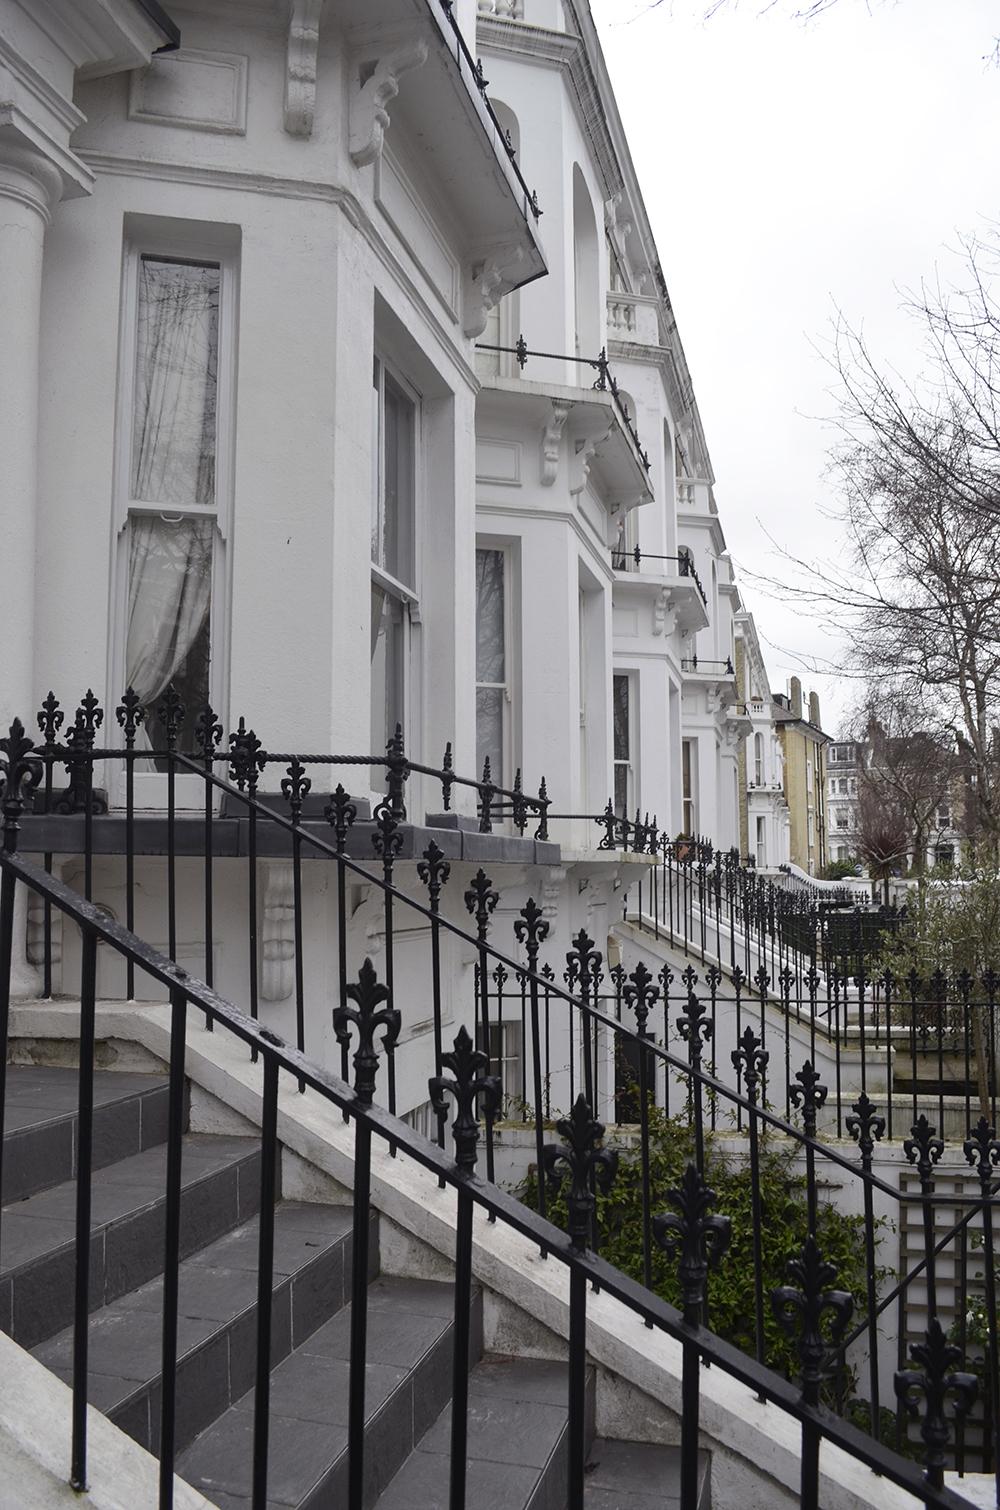 esterno di una tipica casa inglese a Londra